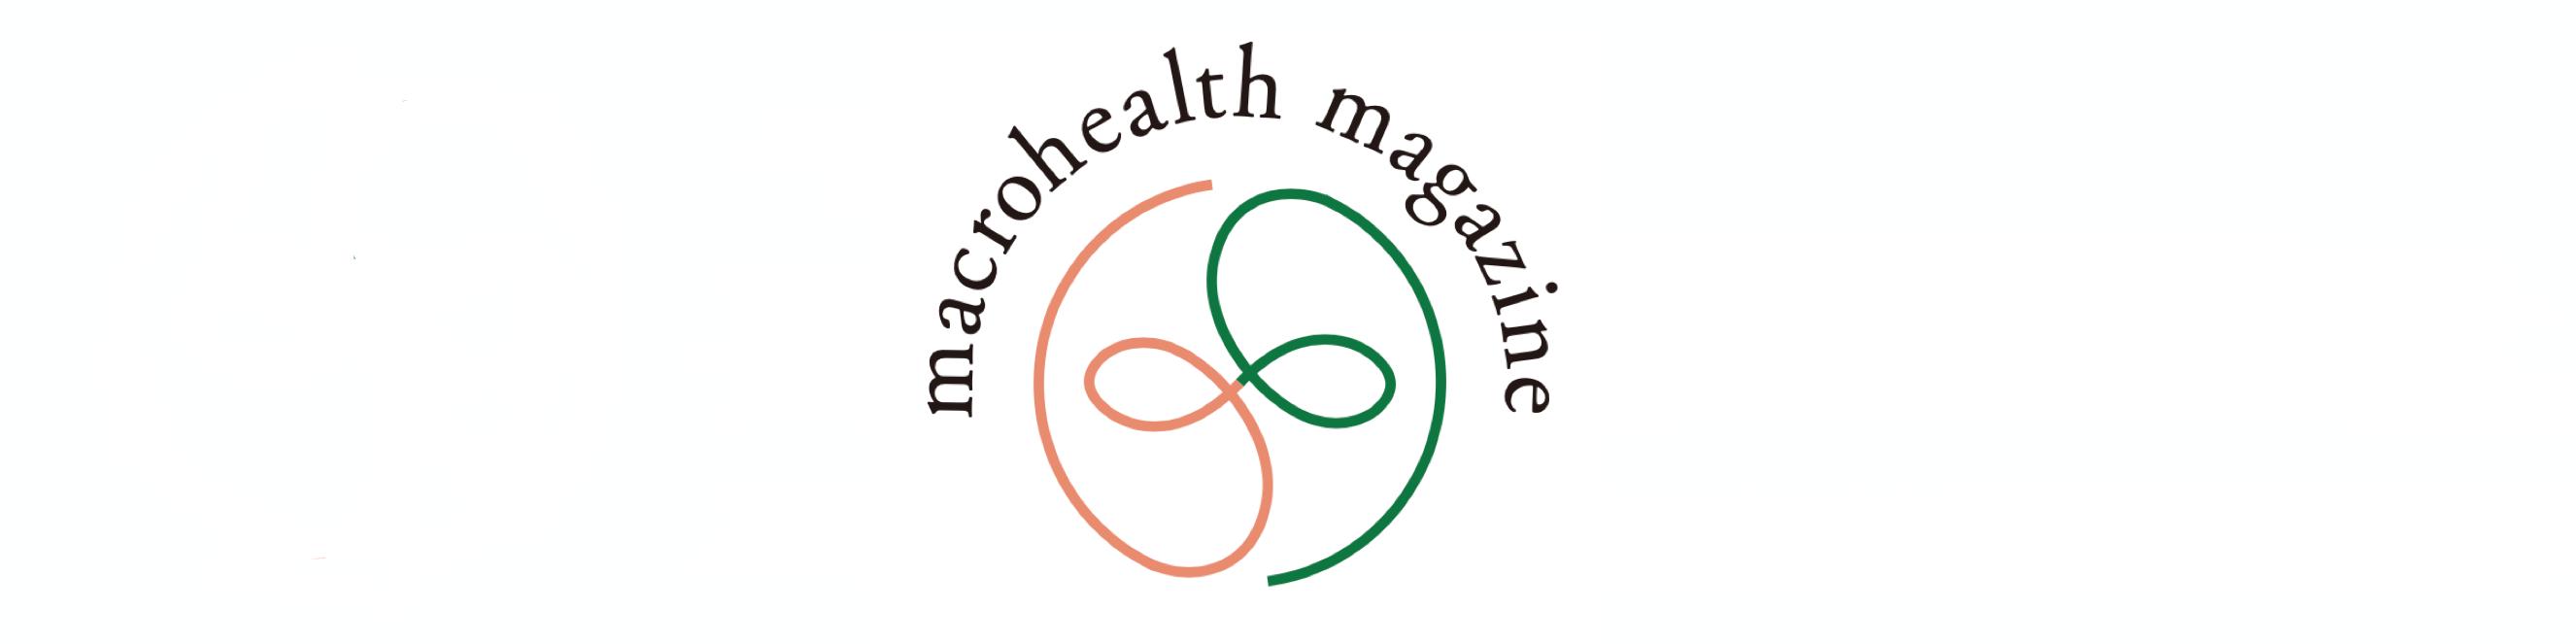 Macrohealth Magazine | マクロヘルス・マガジン